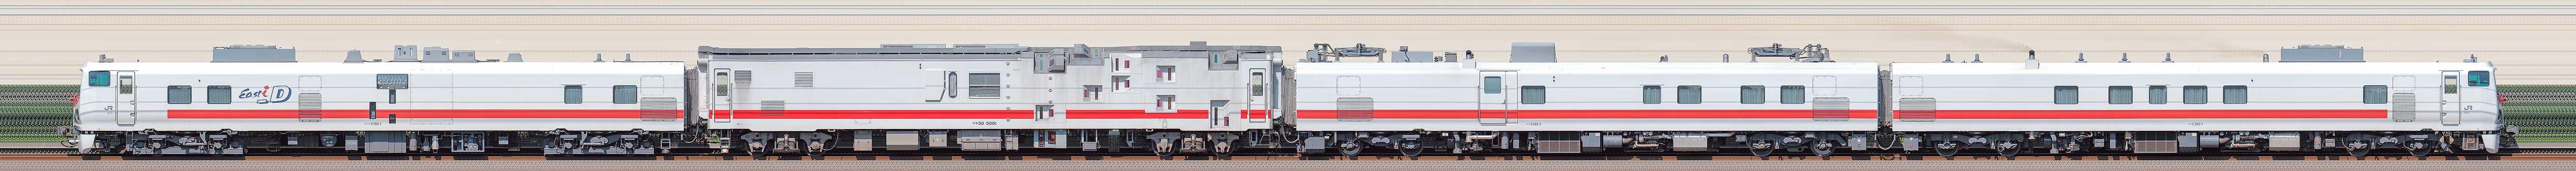 JR東日本キヤE193系電気・軌道総合試験気動車「East i-D」+マヤ50 5001の編成サイドビュー